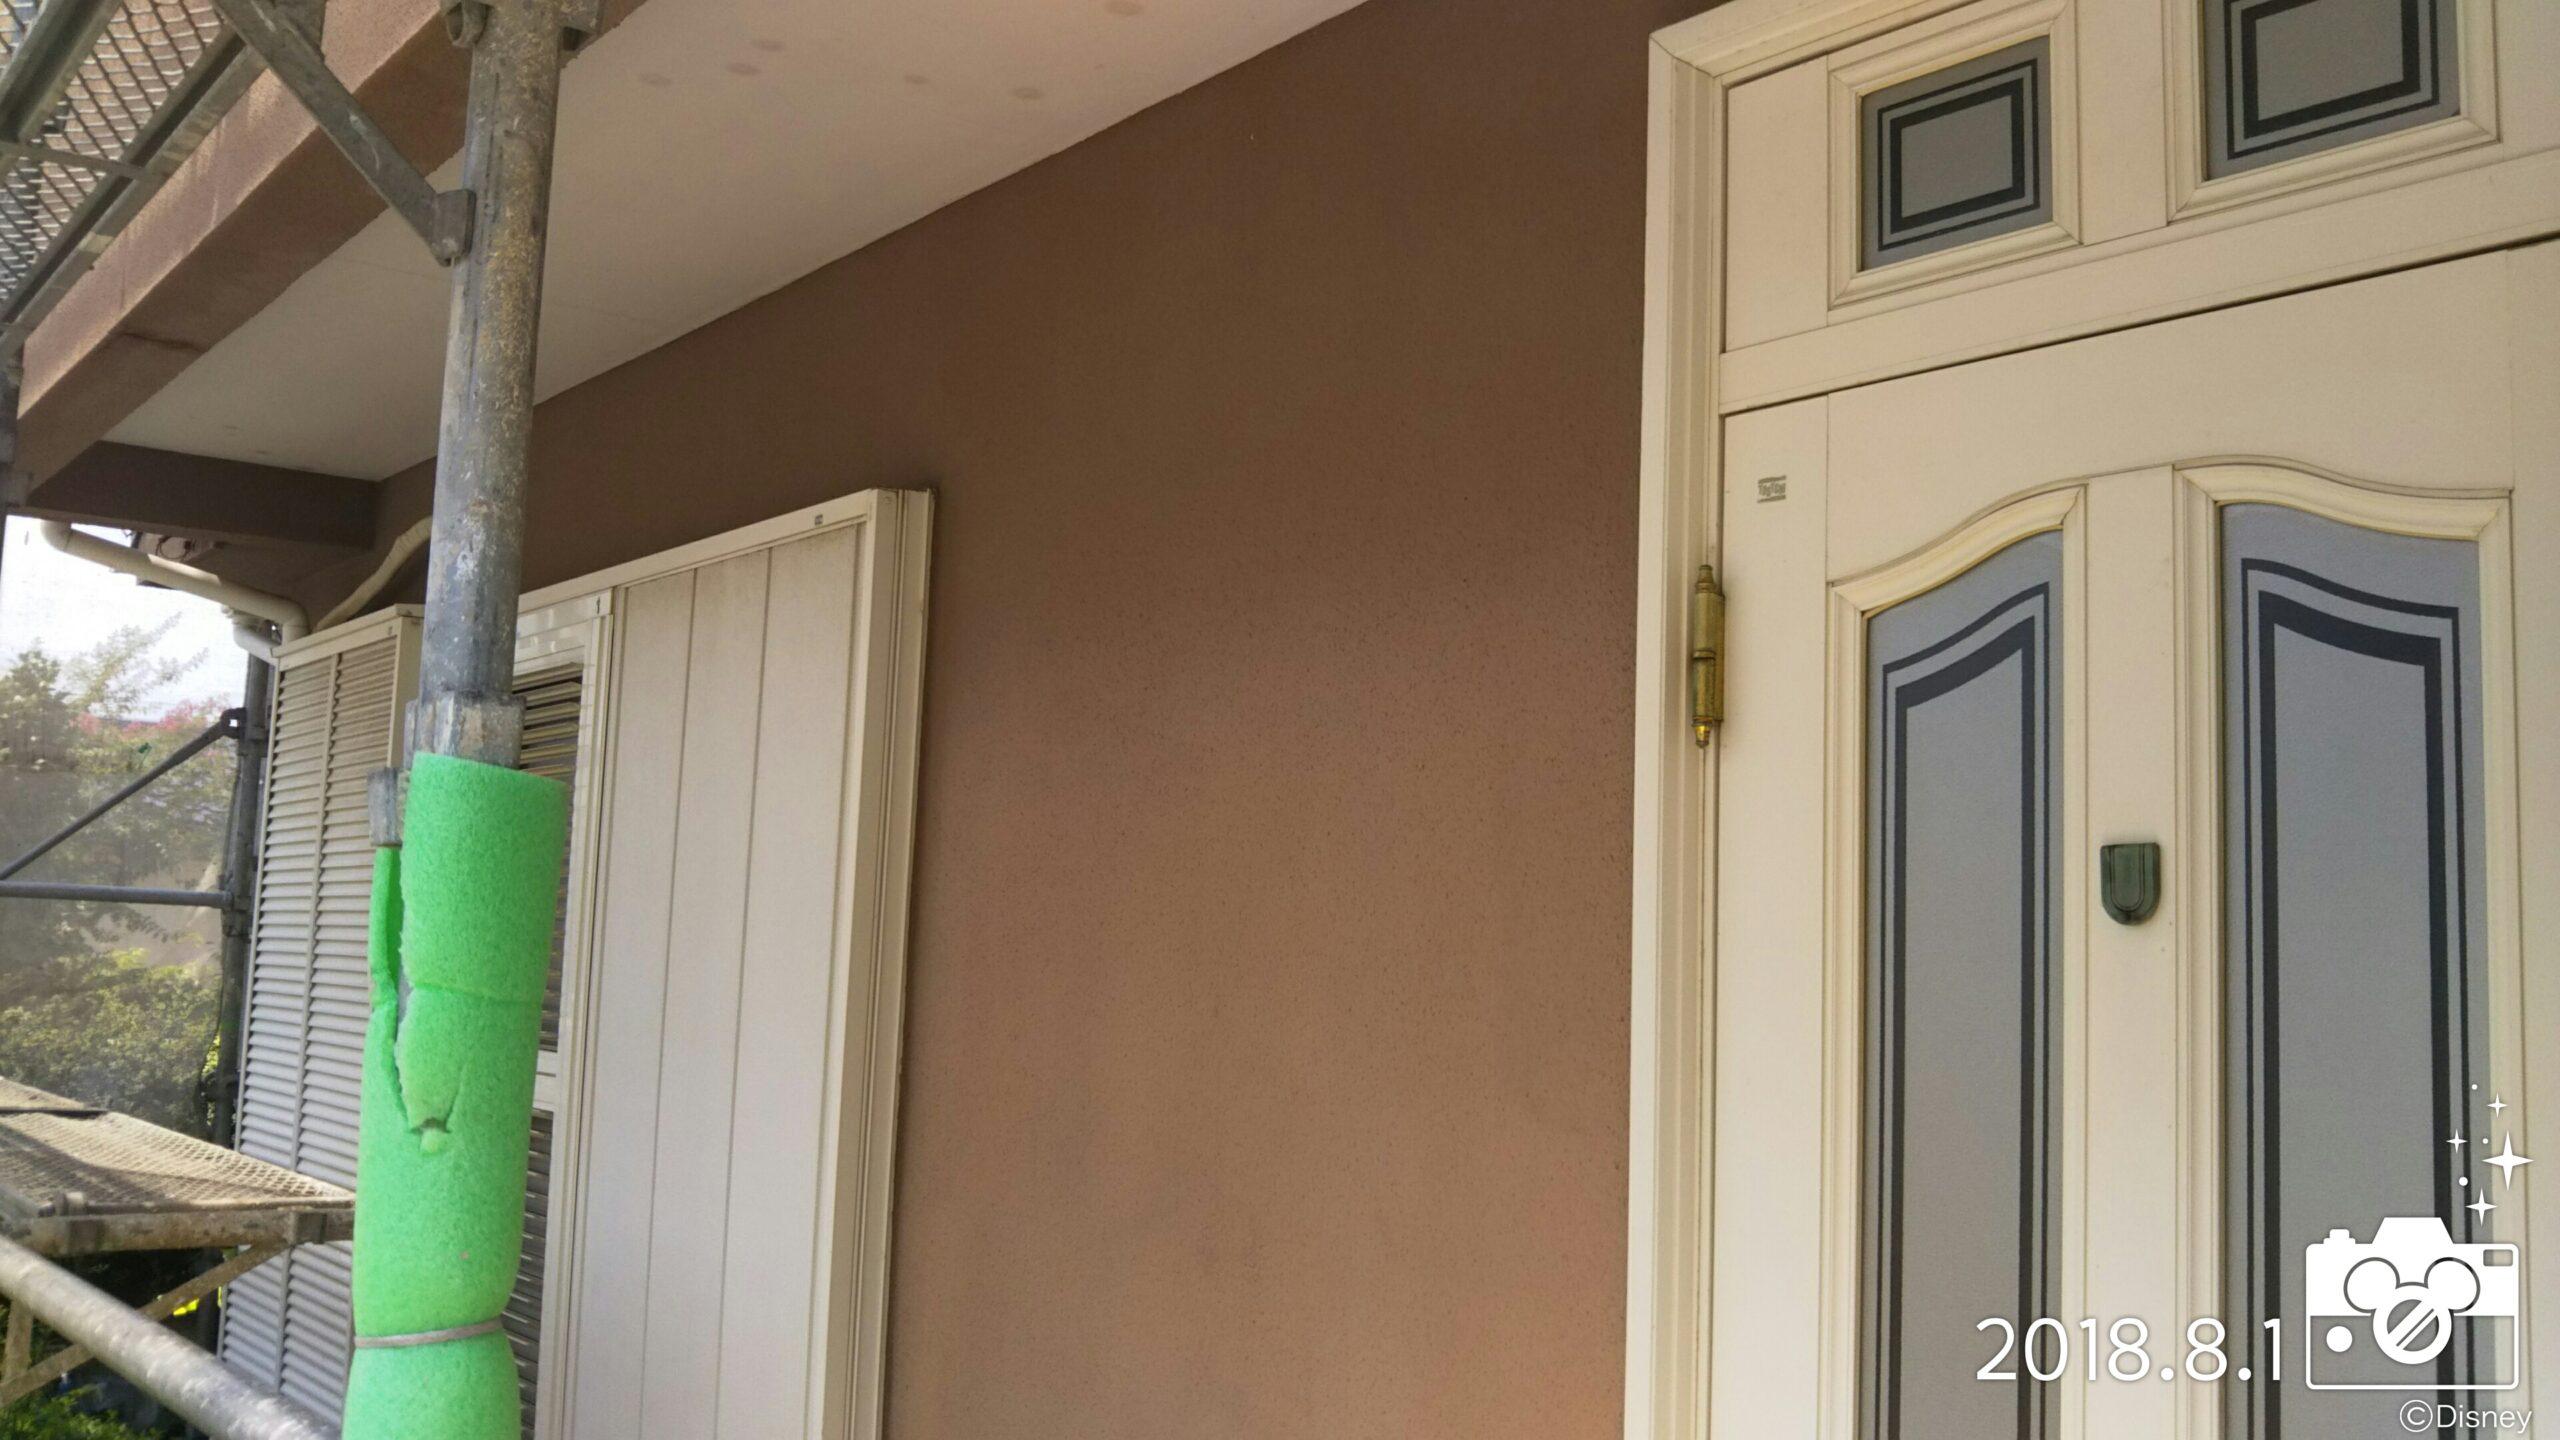 埼玉県さいたま市 外壁の塗り替え塗装 埼玉県さいたま市岩槻区のA様邸にて塗り替えリフォーム